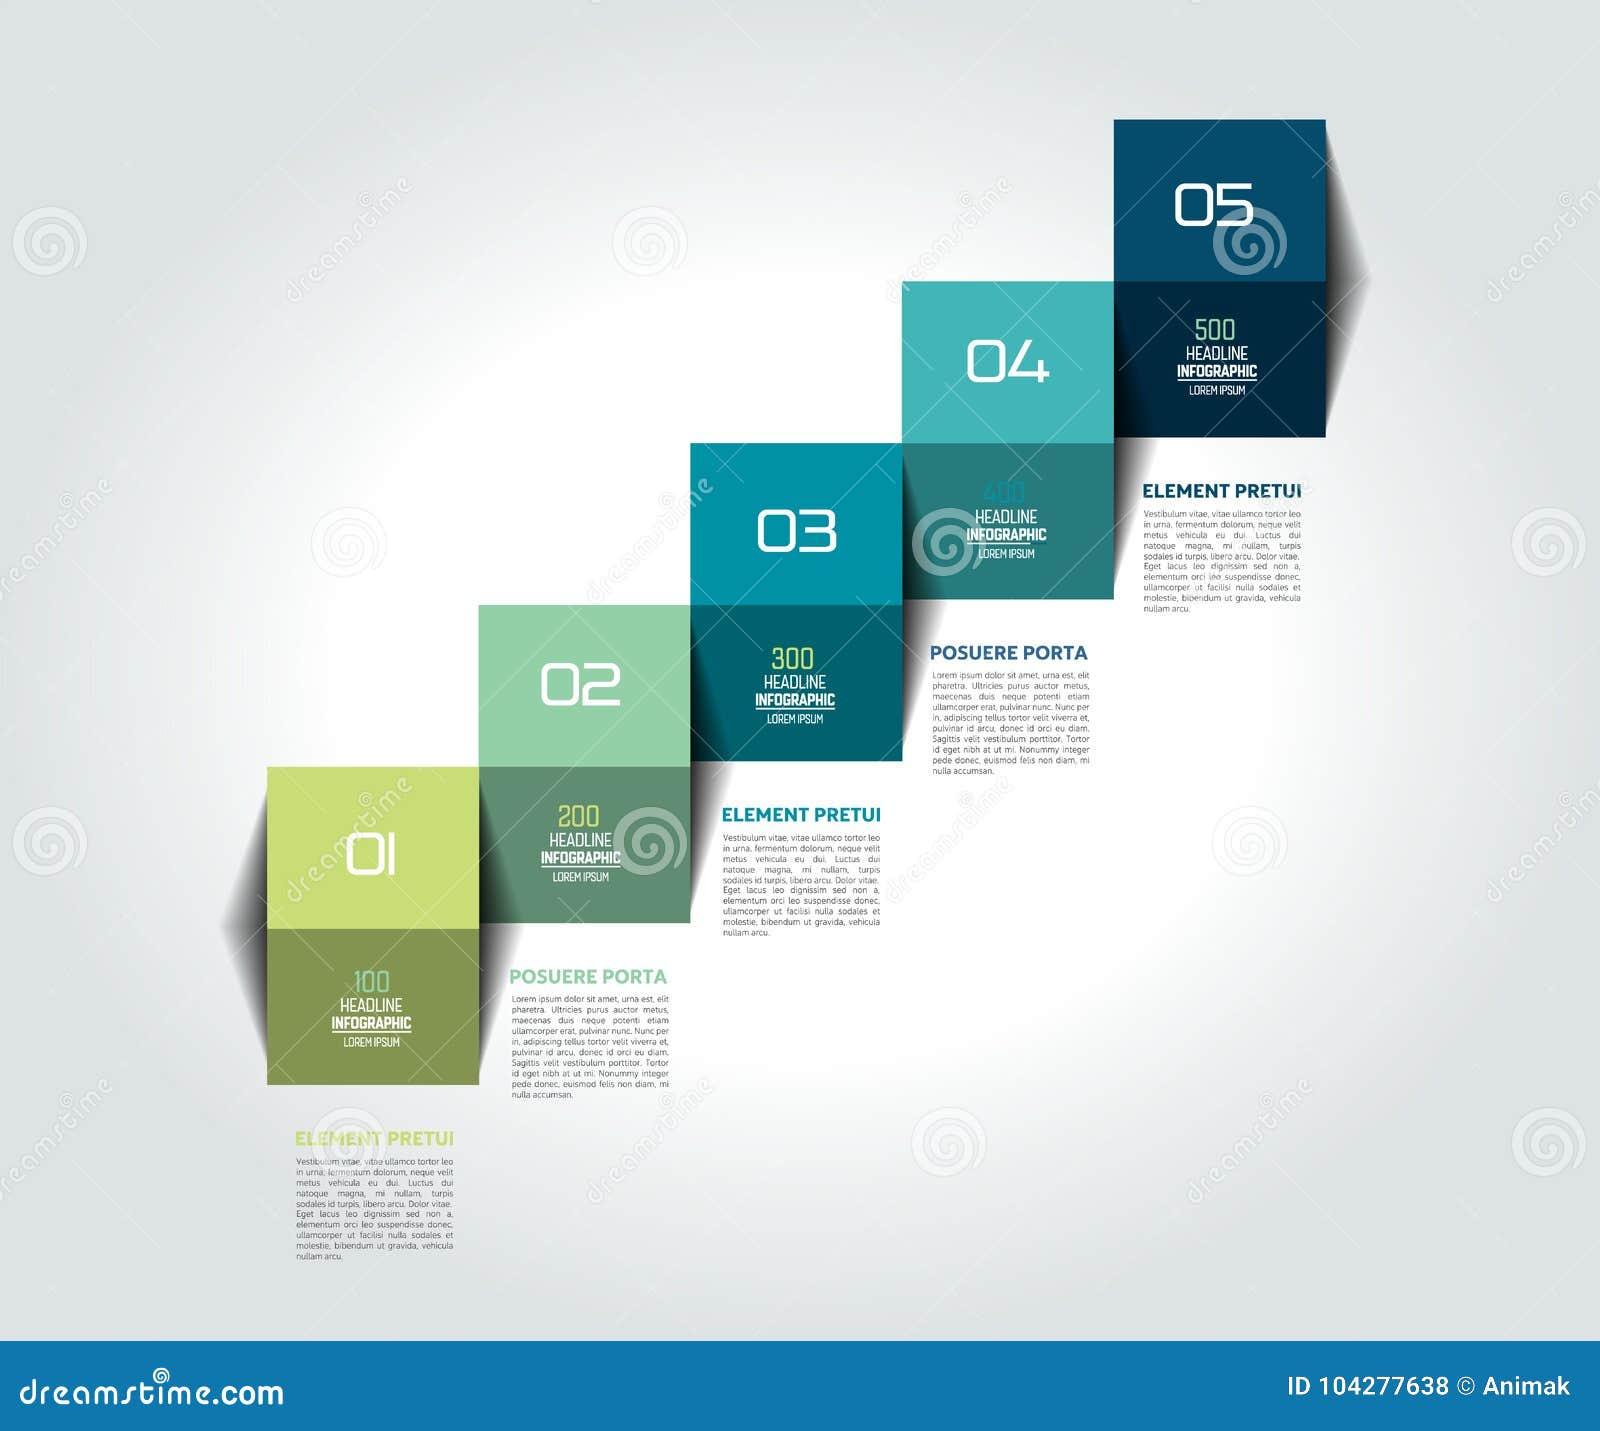 Πρότυπο, διάγραμμα, διάγραμμα, υπόδειξη ως προς το χρόνο, επιχειρησιακό διανυσματικό σχέδιο βημάτων σκαλών Infographic